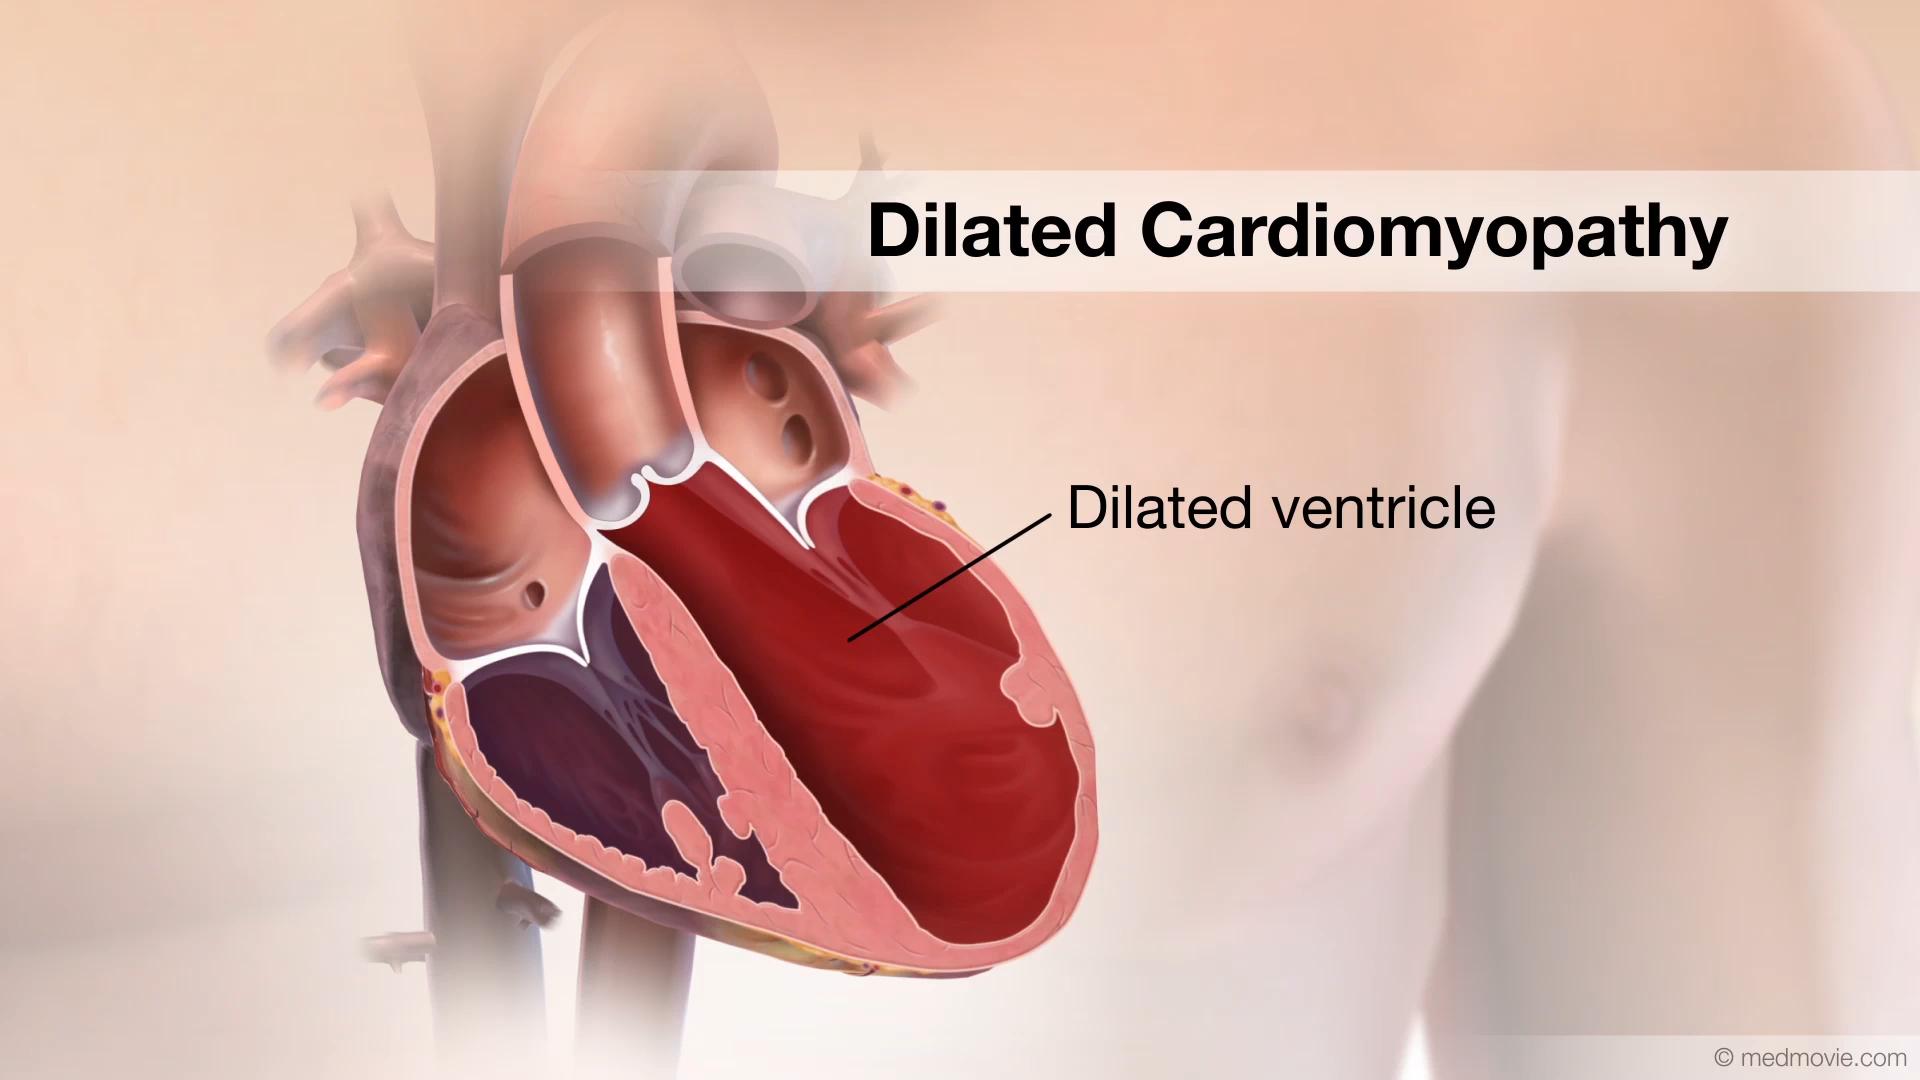 بیماری قلبی کاردیومیوپاتی